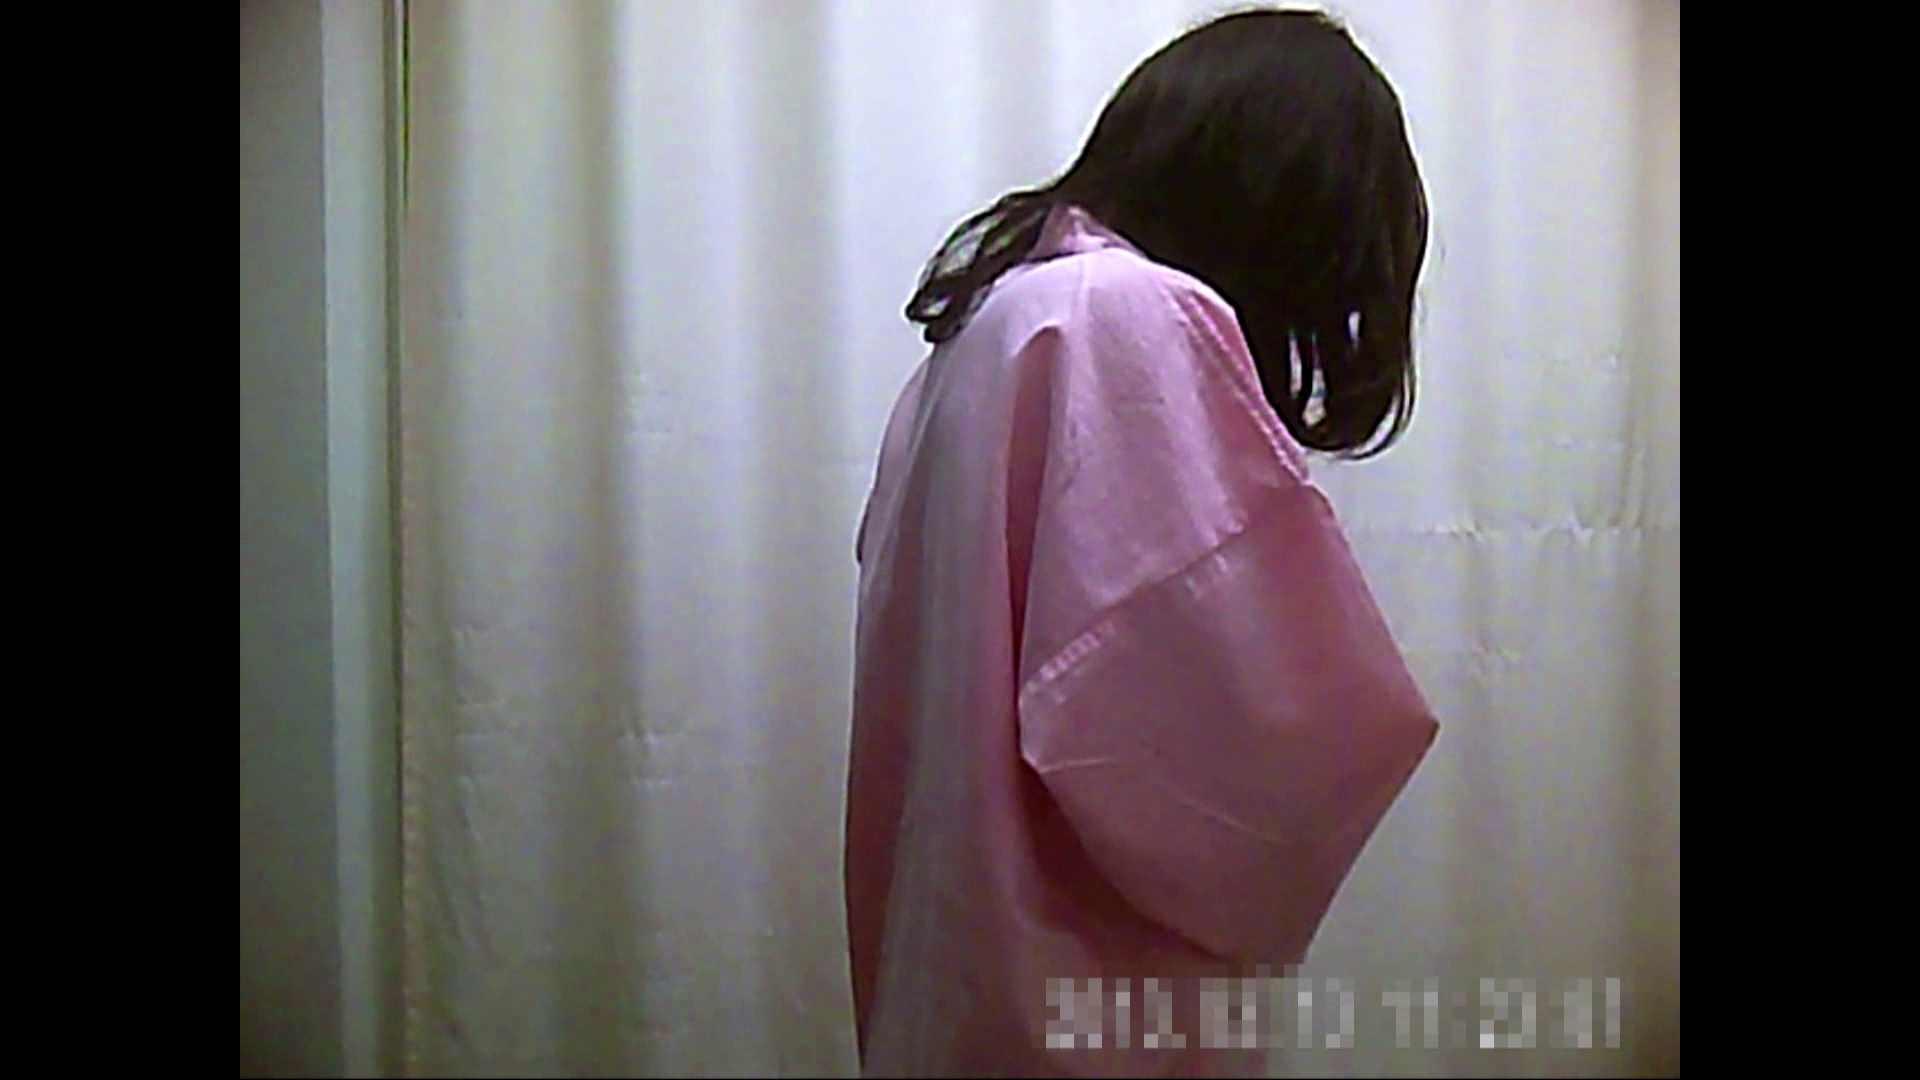 元医者による反抗 更衣室地獄絵巻 vol.097 OLの実態 | 0  87pic 47